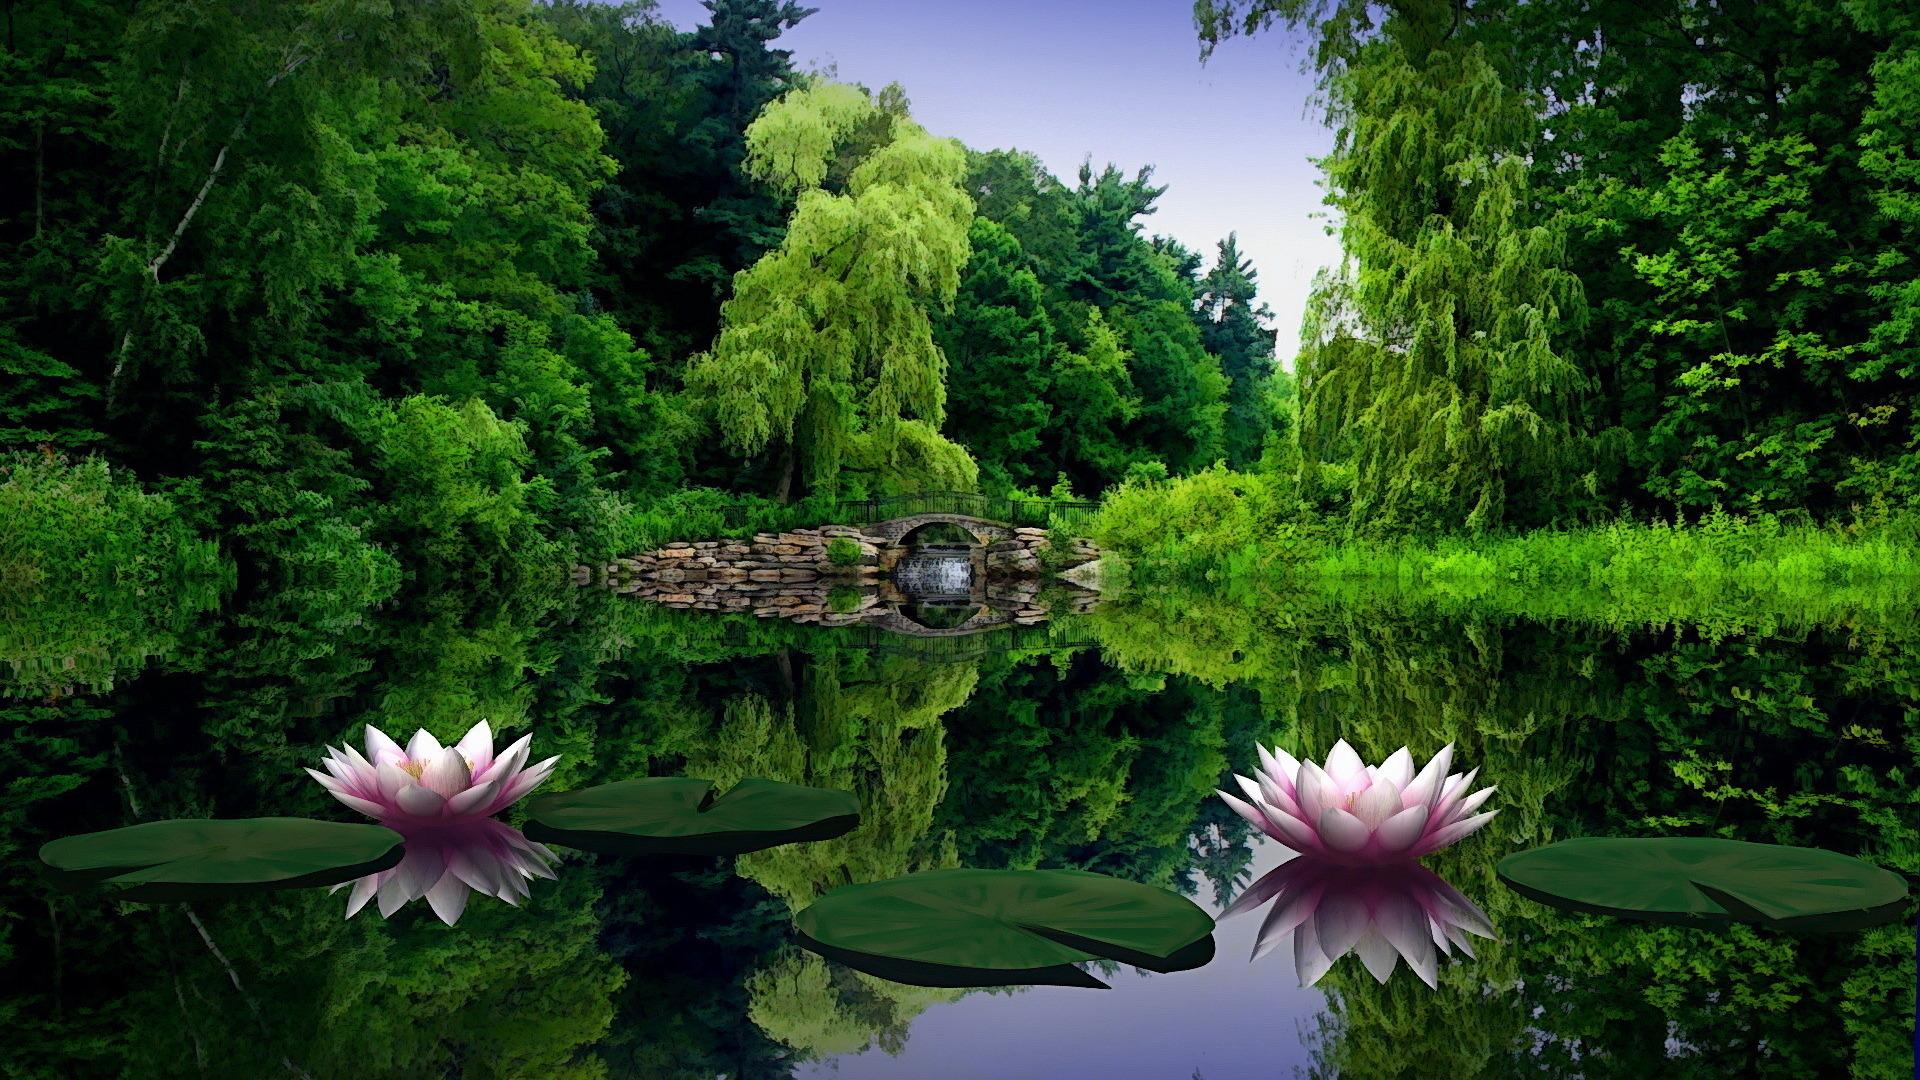 Wallpaper-amazing-lotus-lake-mac-pictures-tablet-1920x1080 101